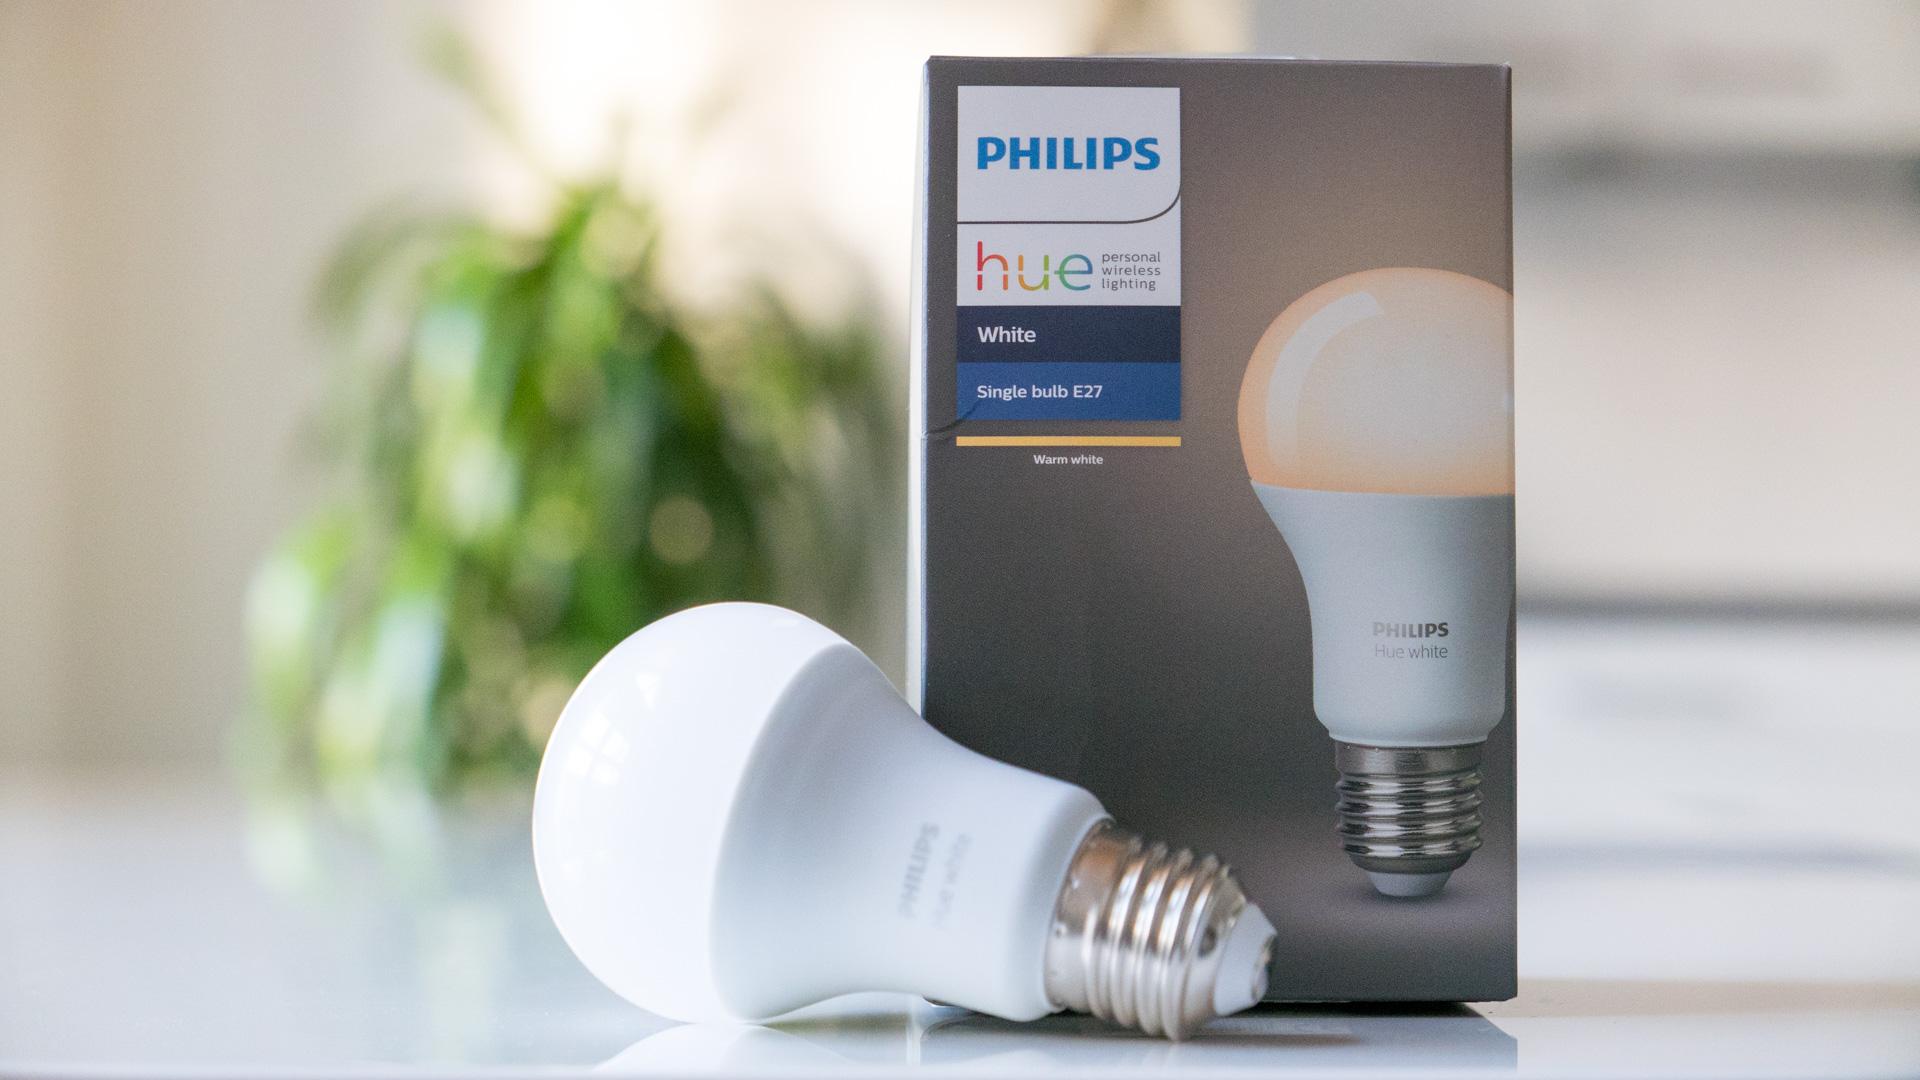 (03.02.2019) Amazon - Philips Hue White & Ambiance Lampen & Starter-Set sowie Bewegungsmelder im Angebot